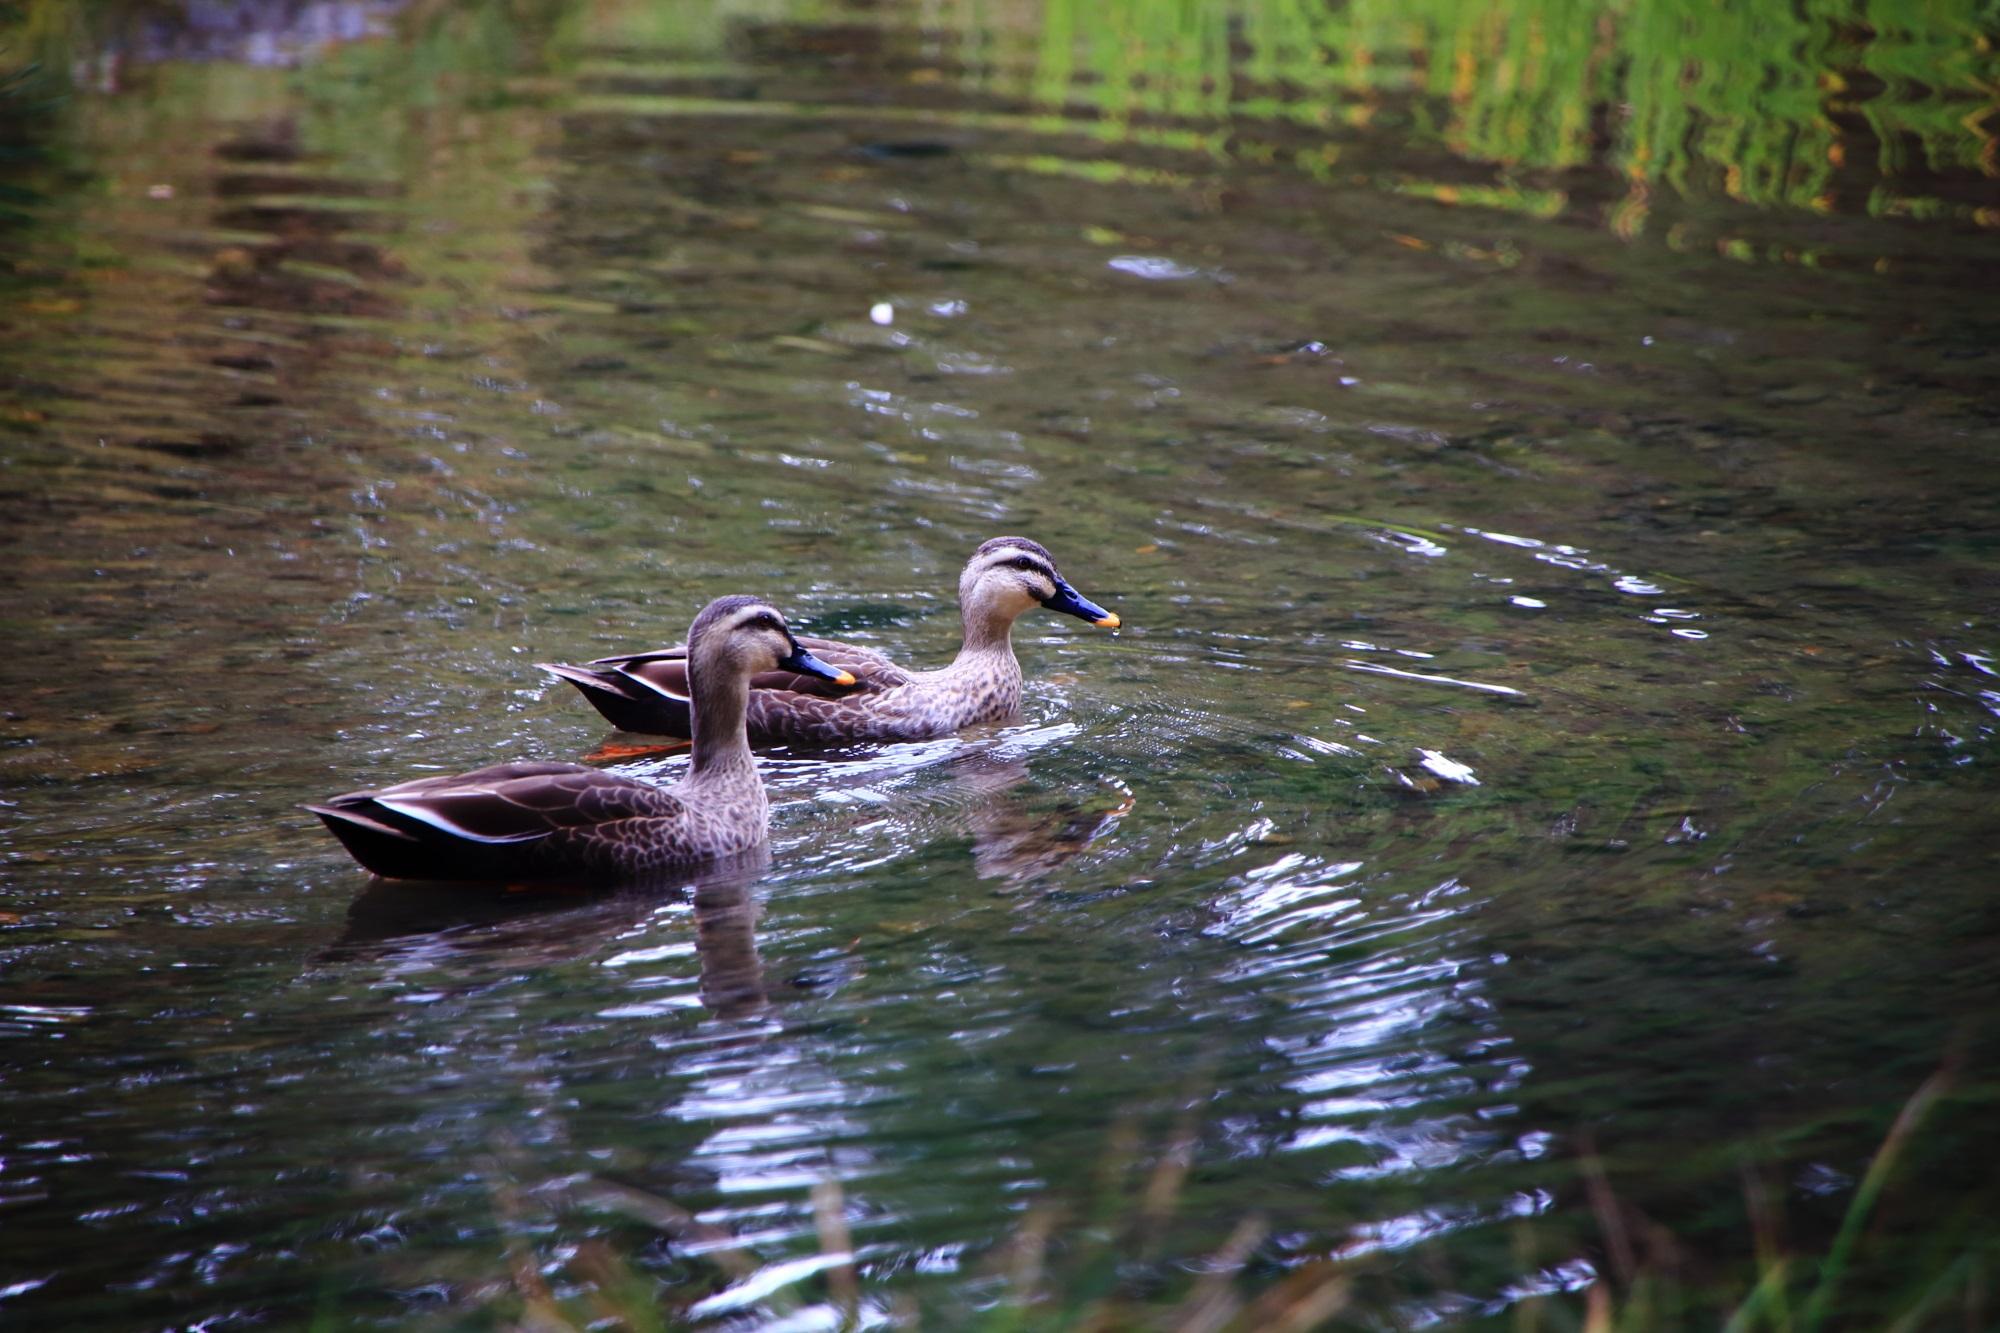 静かな水の庭園で優雅に泳ぐ鴨さん